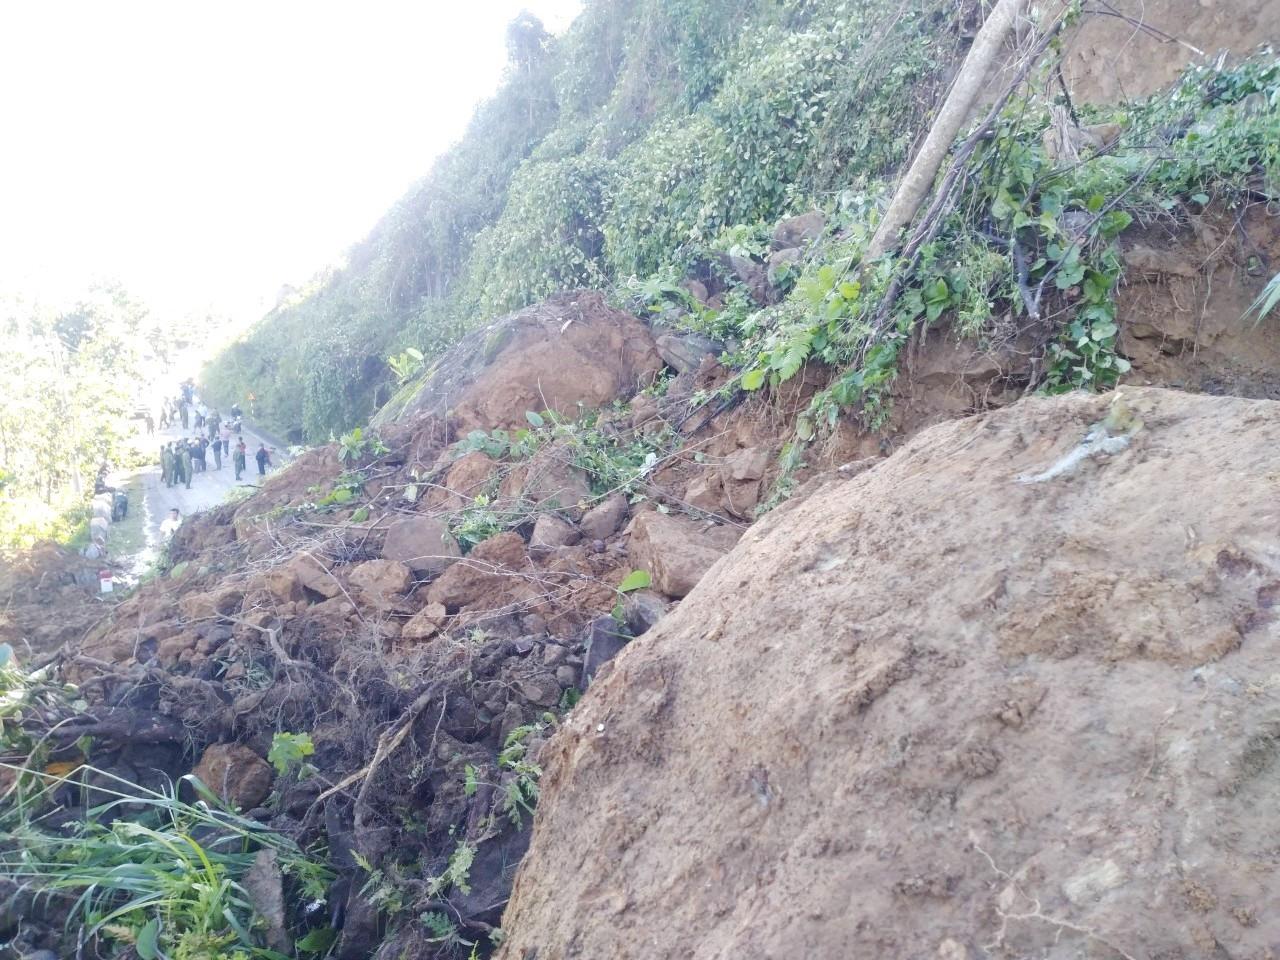 Tại lý trình km68+100 trên QL40B, đất, đá nằm trên cung trượt lăn xuống rất nguy hiểm. Ảnh: CT